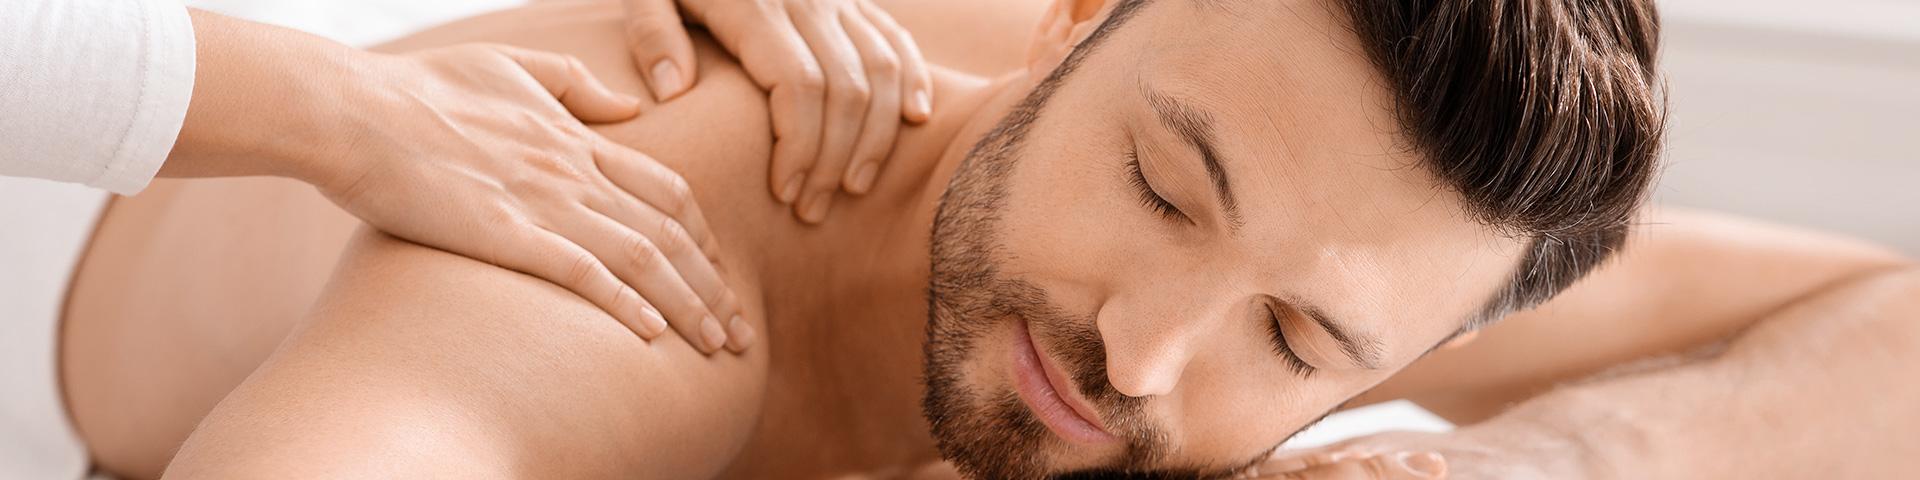 Junger Mann mit Bart liegt entspannt am Bauch. Er wird an der Schulter massiert